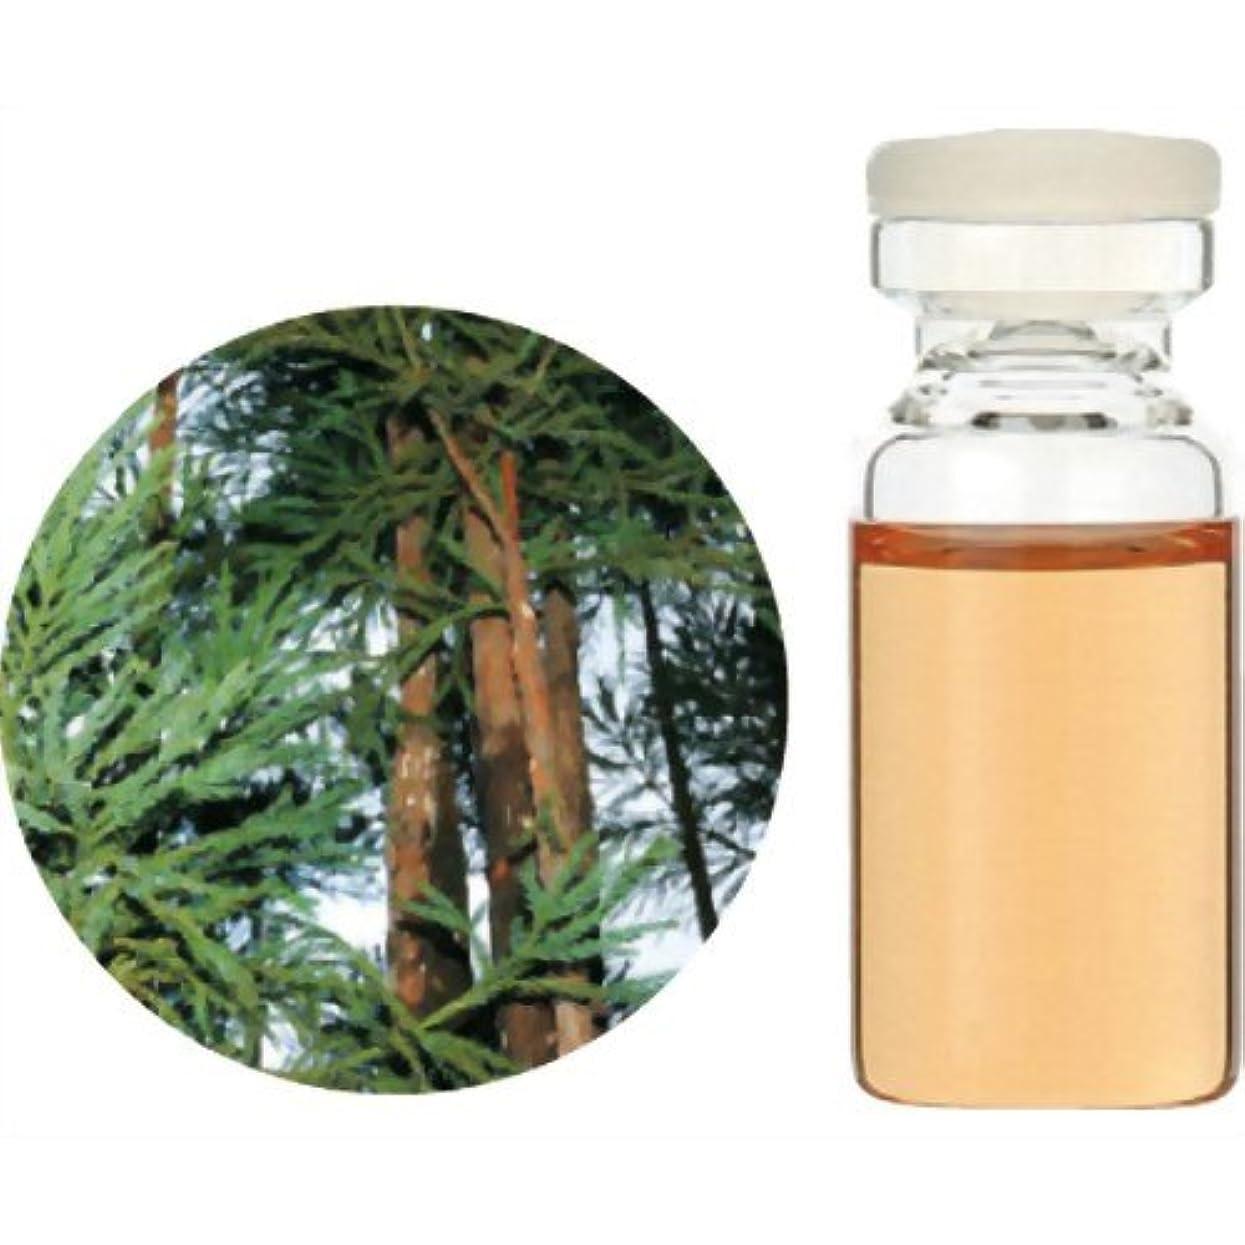 レッスン壮大ちらつき生活の木 Herbal Life 和精油 杉(木部) 3ml